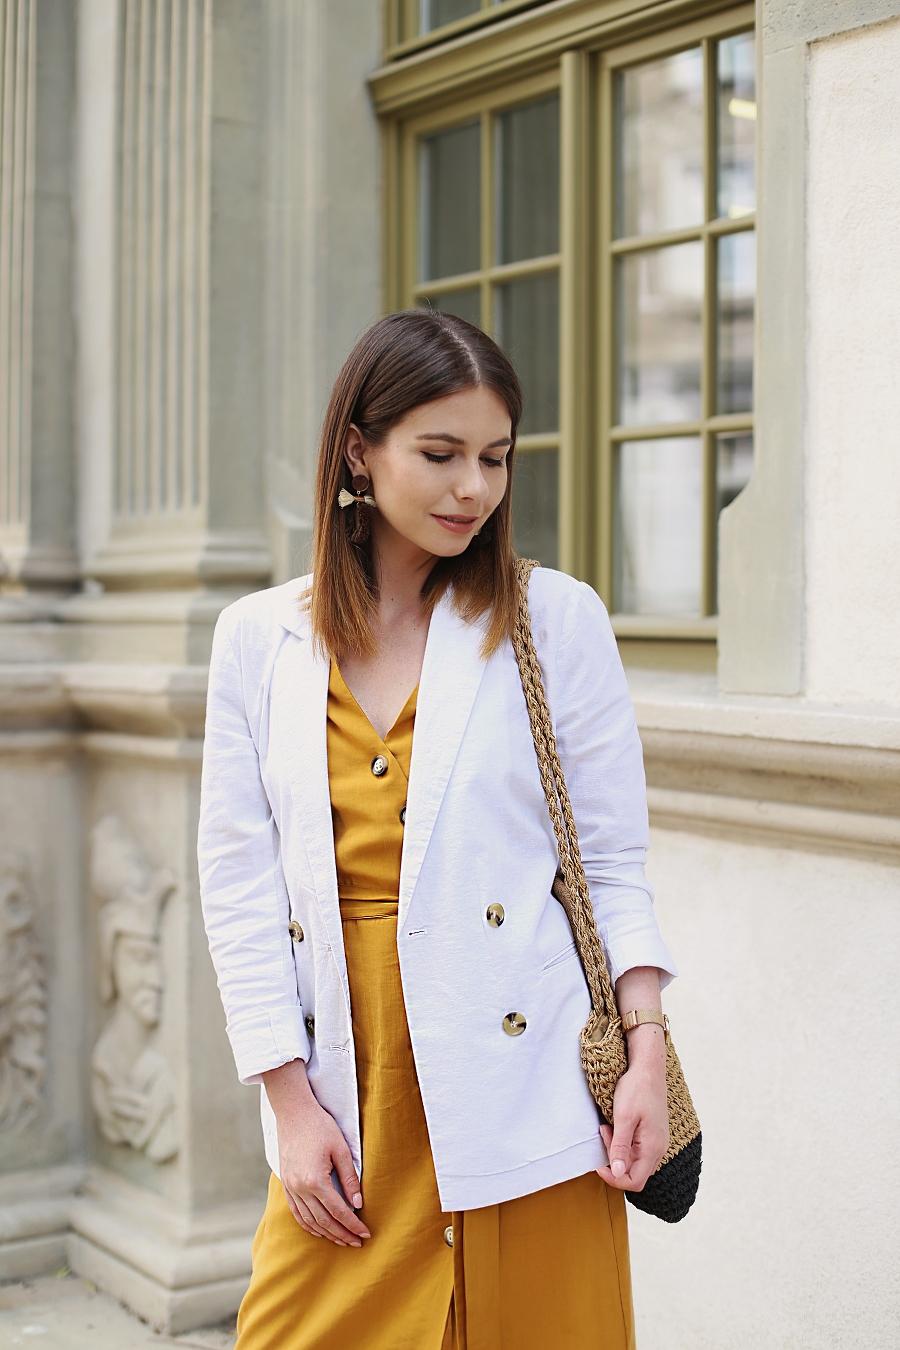 Miodowa sukienka 7/8, biała marynarka, pleciona torebka, sznurkowe kolczyki